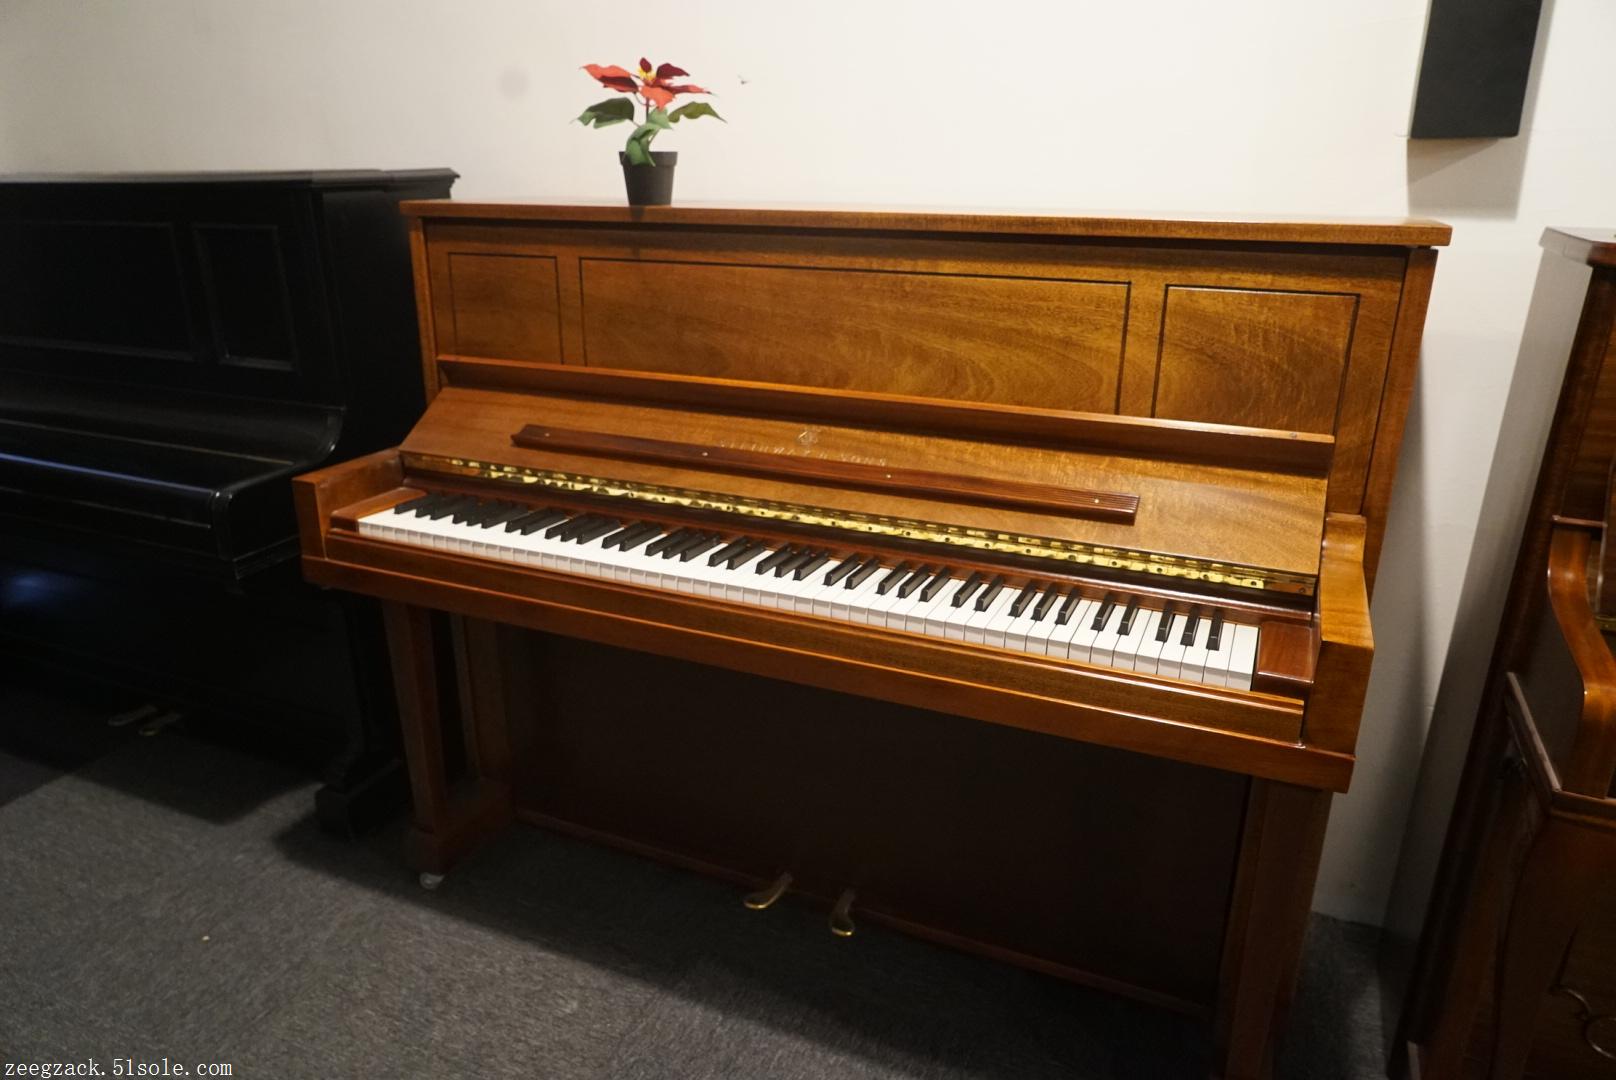 各个年份产的都有   型号从model.K model.V model.Z   到三角的model.s model.m model.O model.B model.D   和美国产的立式数字型号都有现货   齐格扎克公司精选的美国和德国的二手斯坦威钢琴   比起新琴价格更实惠   大量现货,接受预定